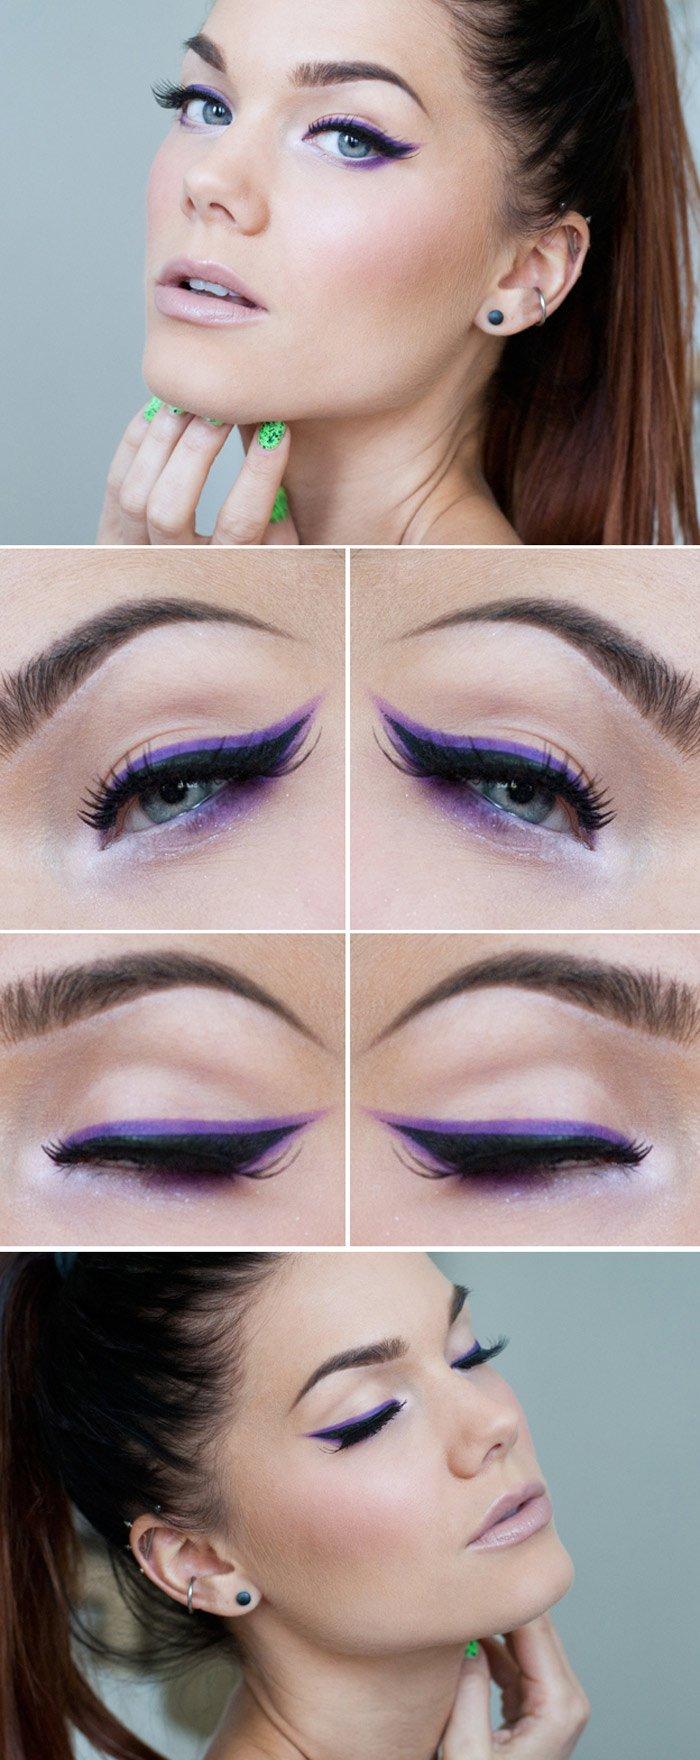 Kak pravil'no nanosit' novogodnij makijazh